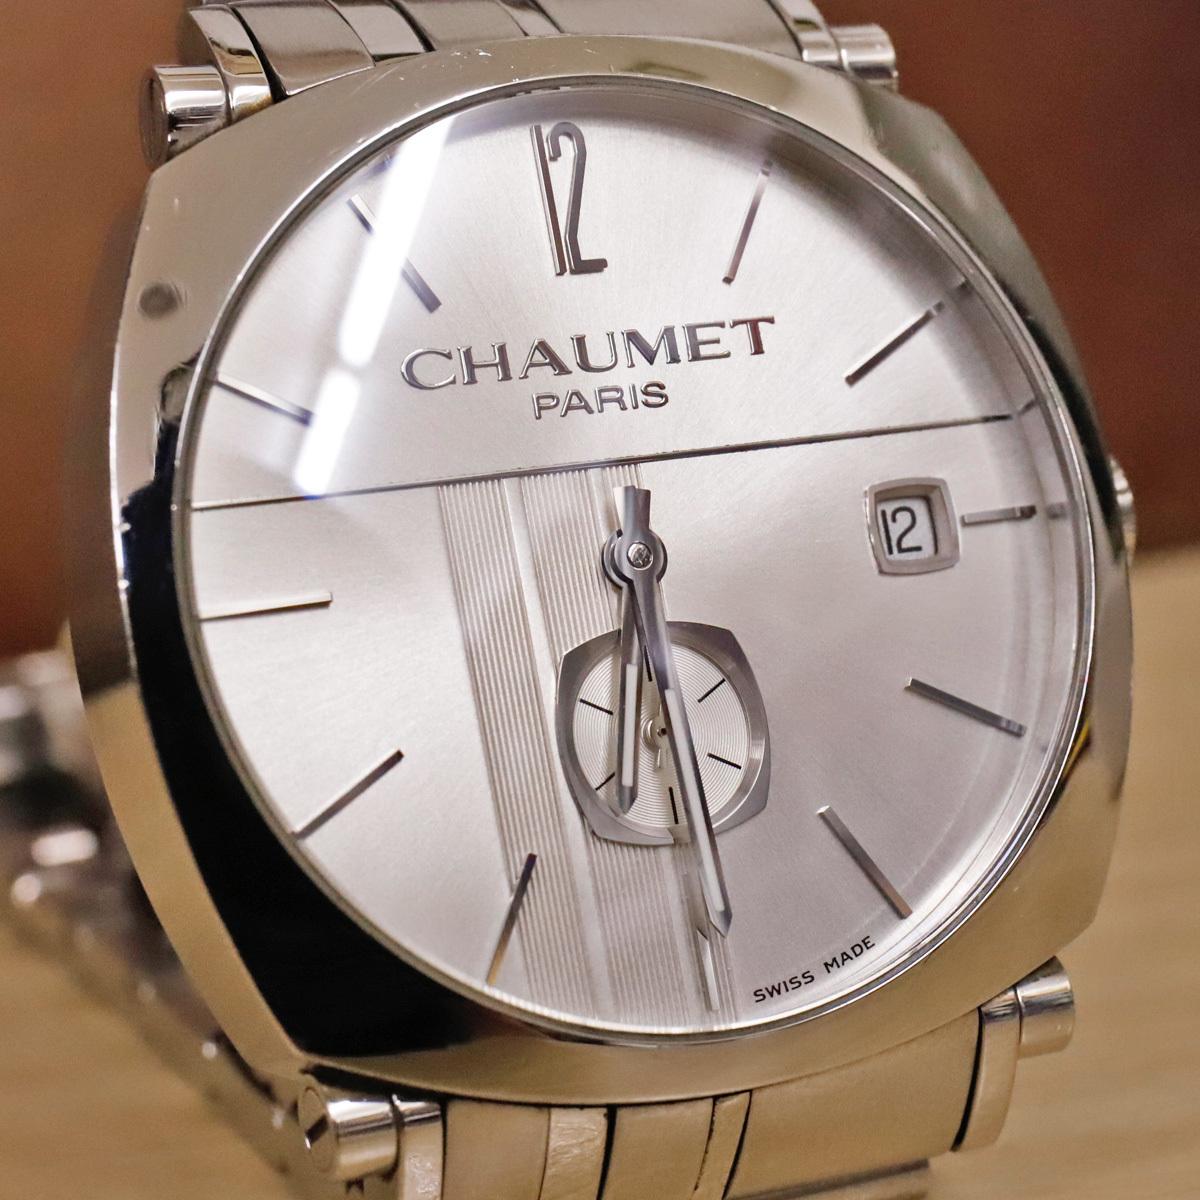 本物 ショーメ 自動巻 ダンディ オートマチック メンズ 純正メタルブレスレットモデル 機械式時計 スイス製 正規品 CHAUMET_画像2